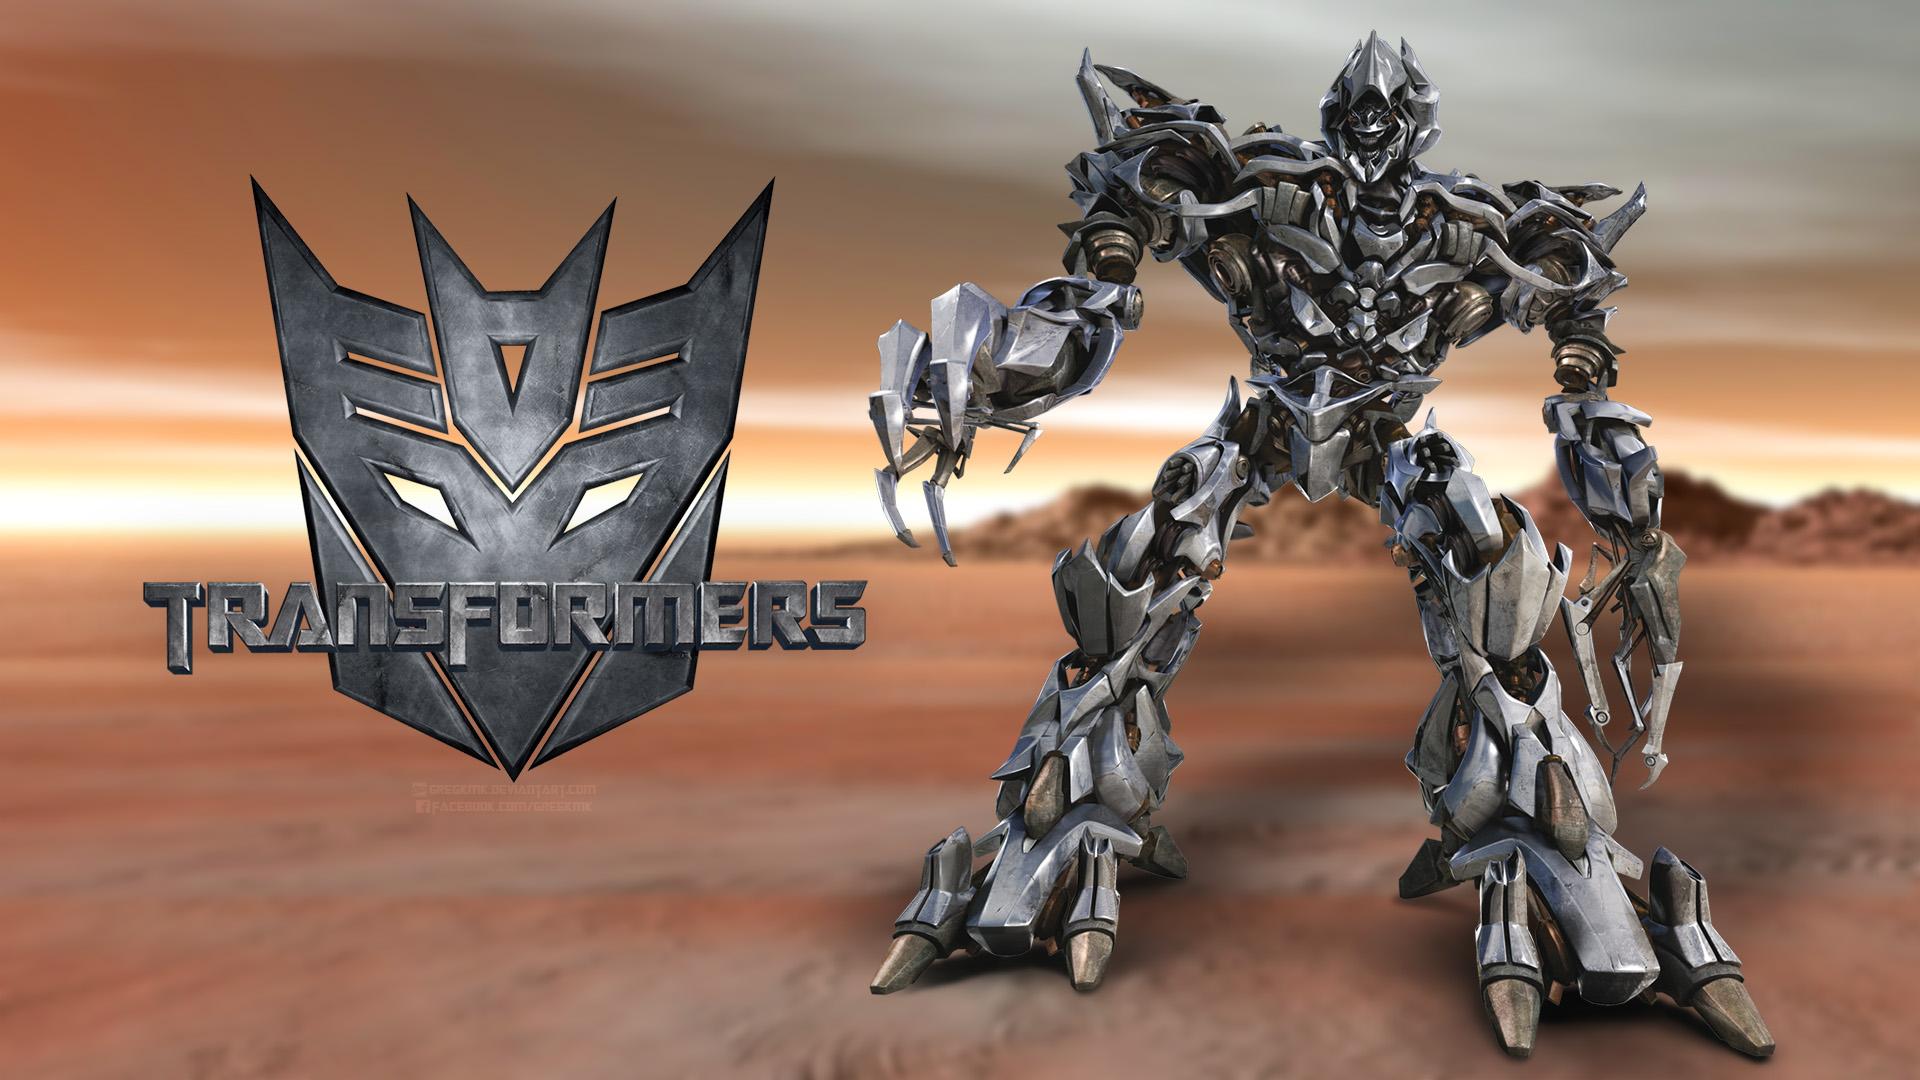 Transformers - Megatron Wallpaper by GregKmk